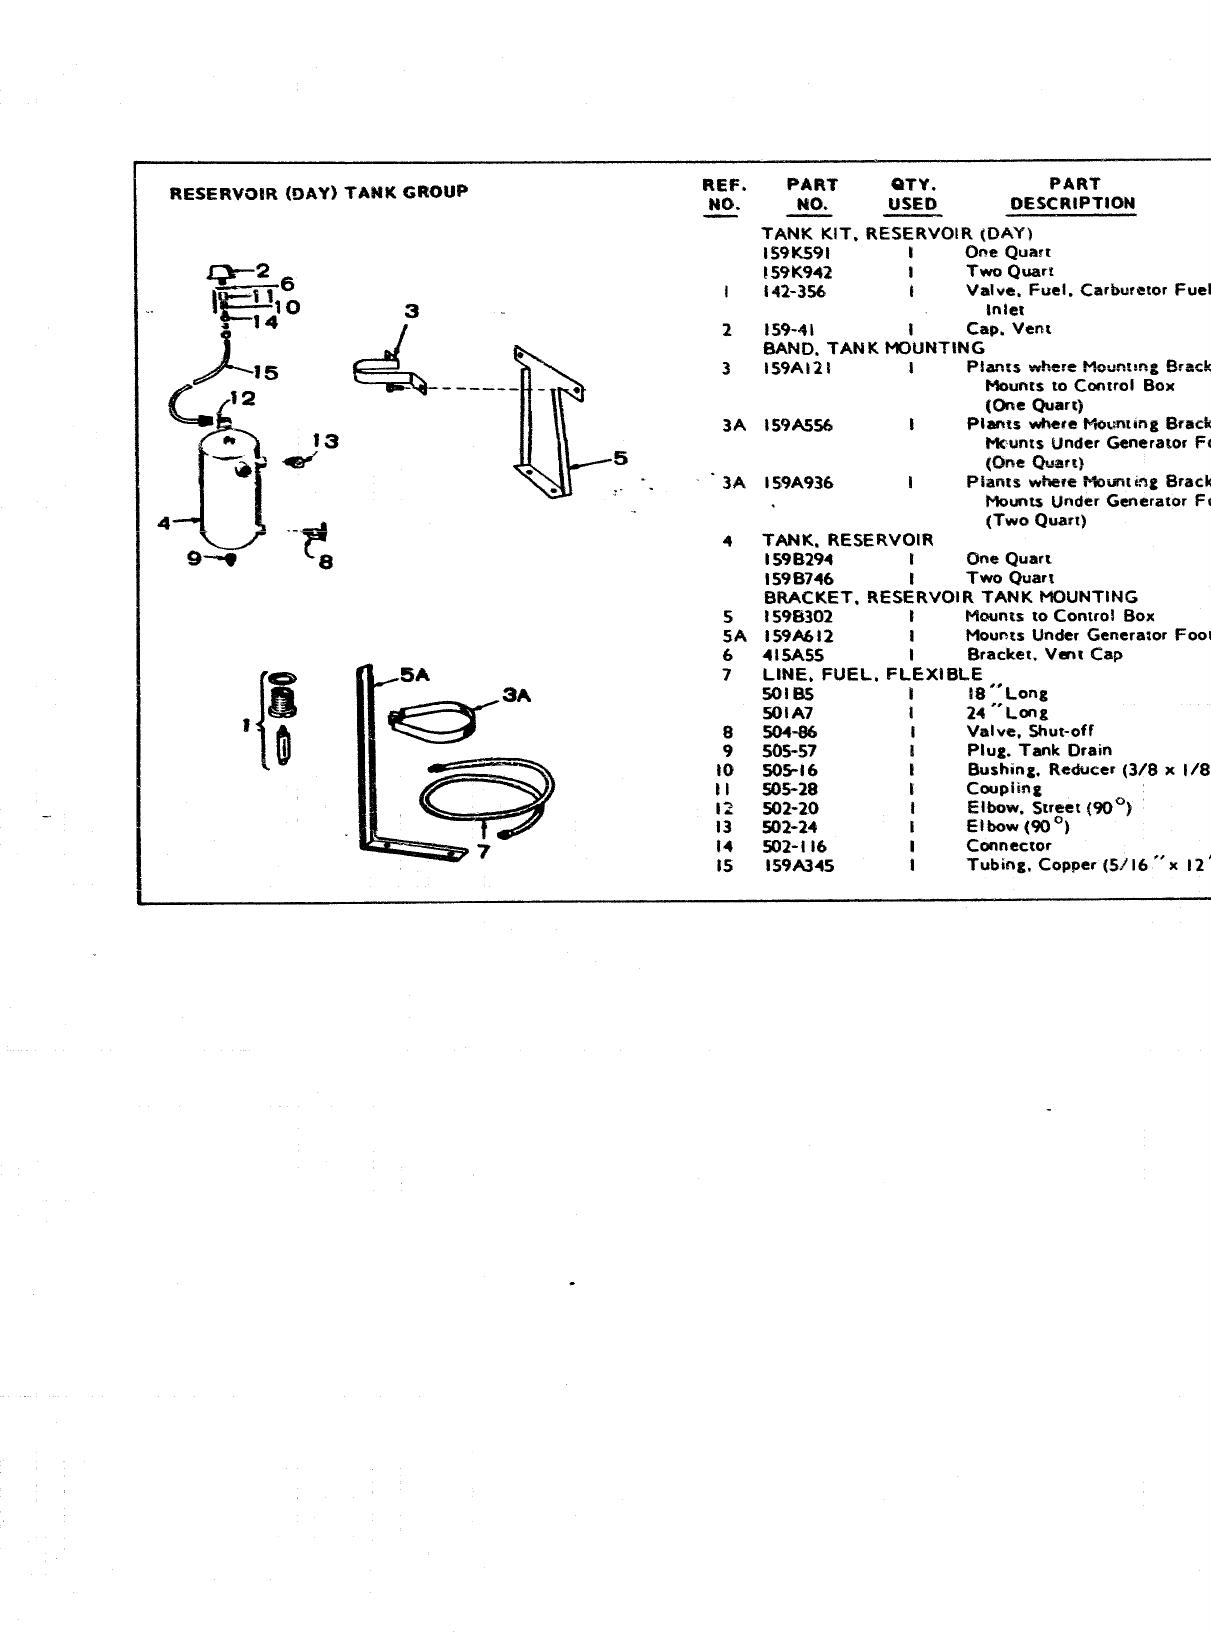 Bmz2295 927 0300 Onan CCK Genset Parts Manual (partial